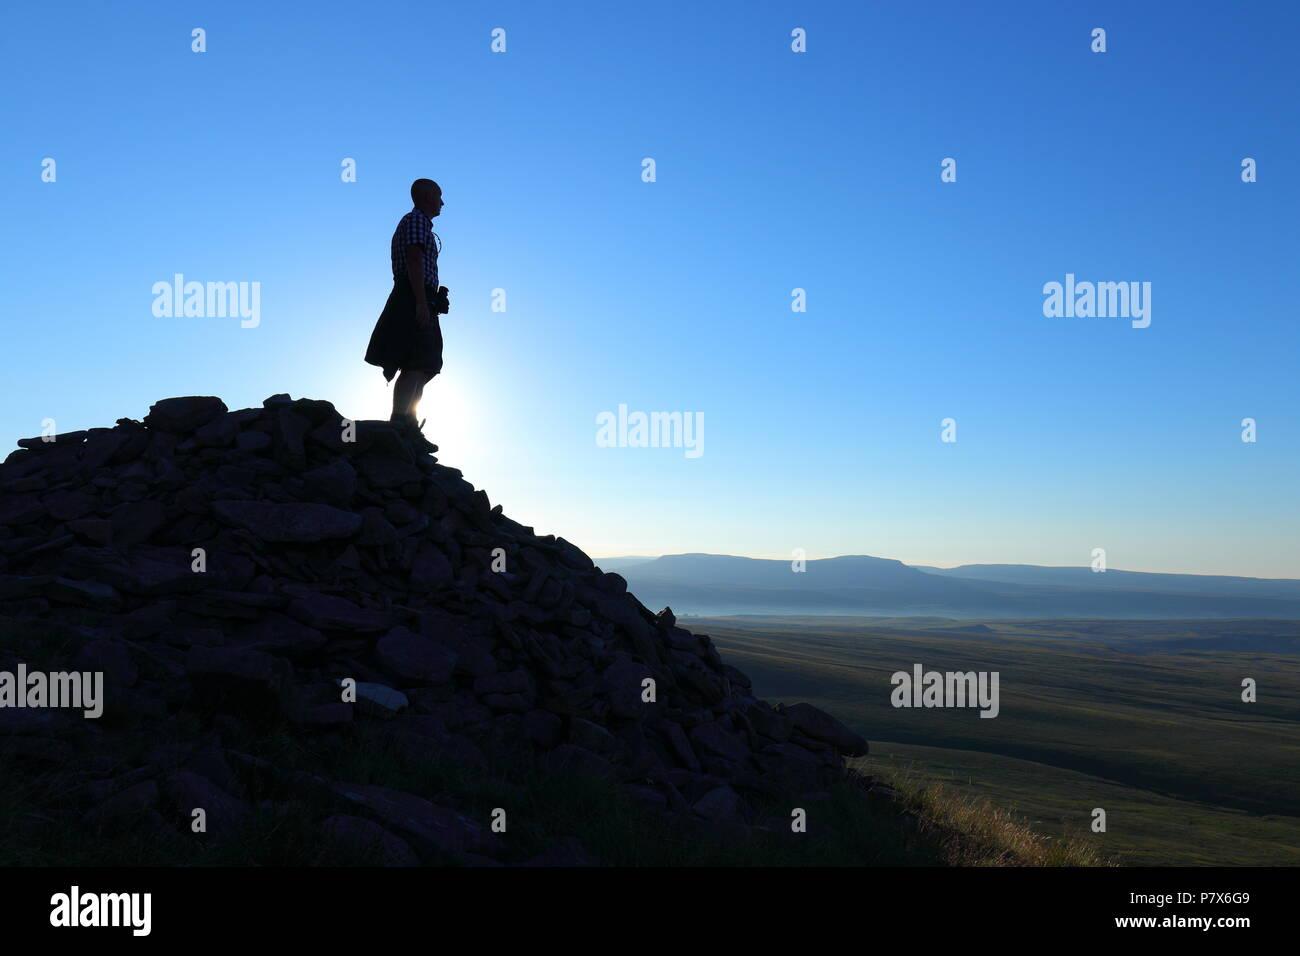 Io prendendo un selfie , durante una passeggiata fino Ingleborough montagna che fa parte delle tre cime di lavaredo sfida nel Yorkshire Dales National Park. Immagini Stock